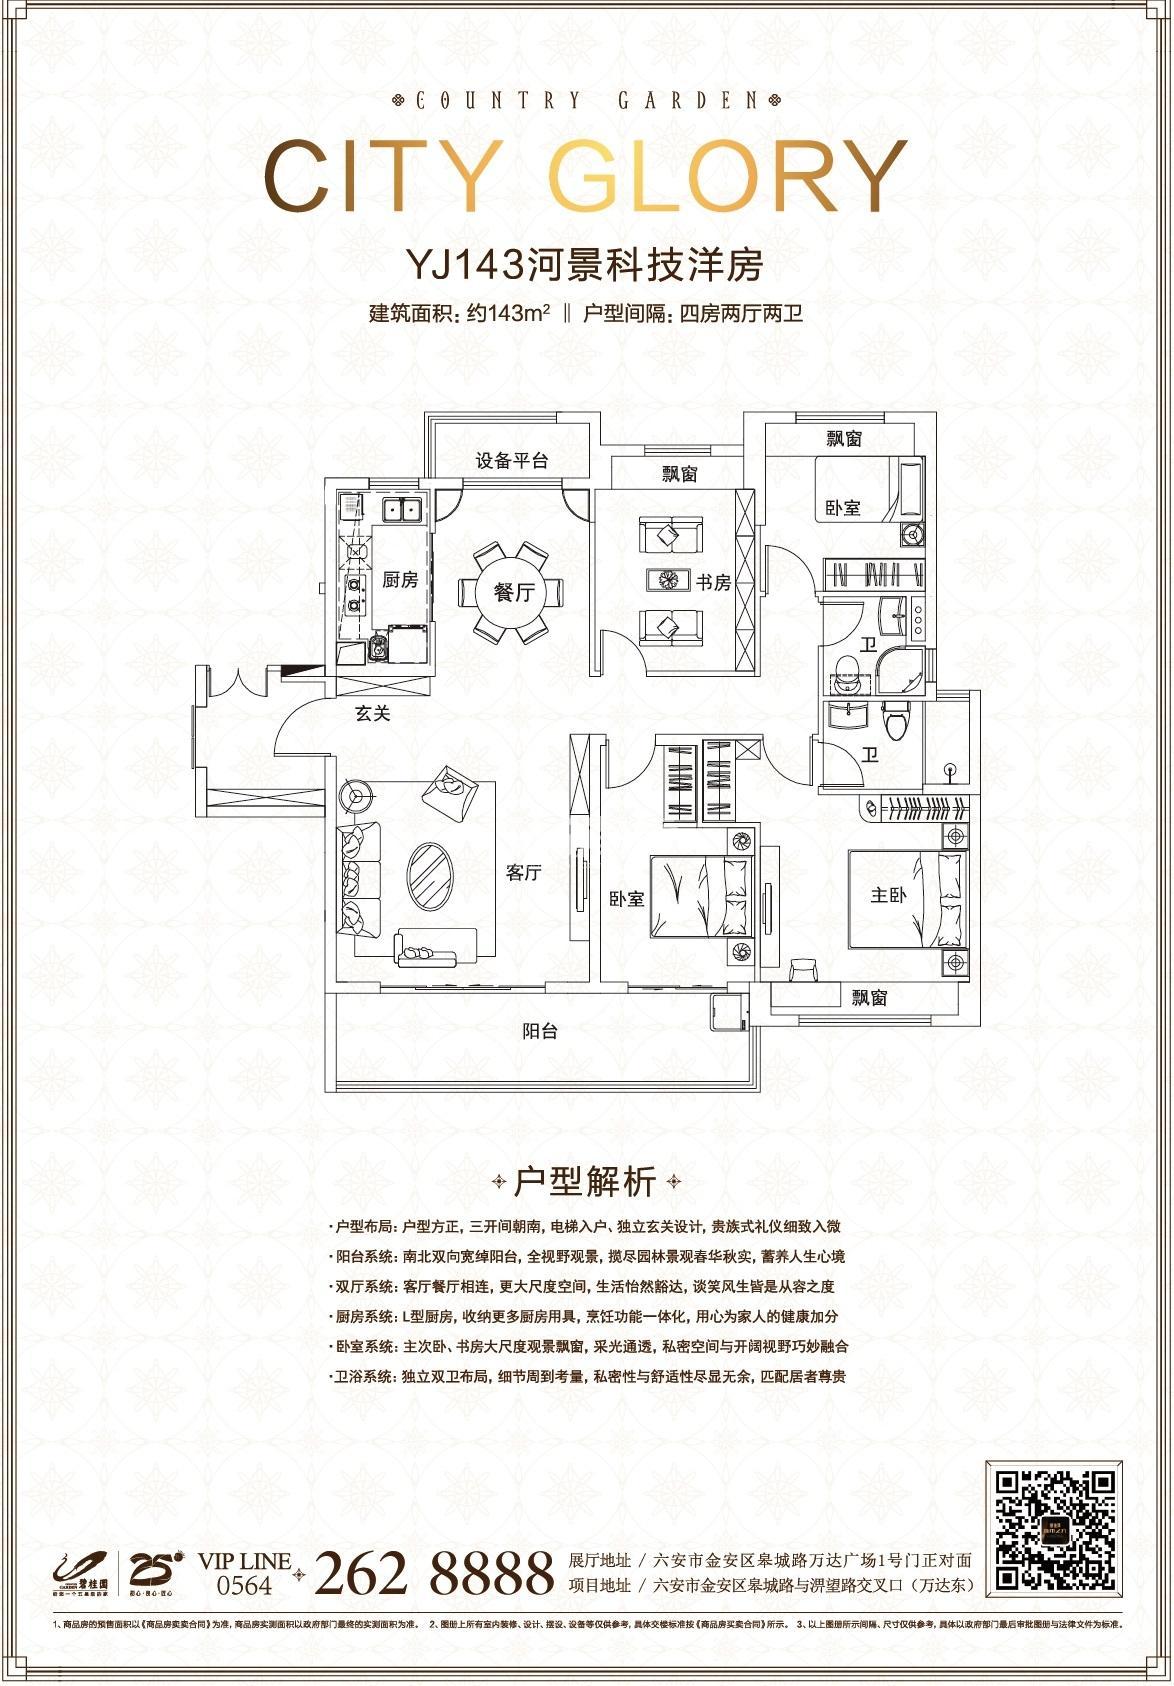 碧桂园·城市之光项目143平米户型图